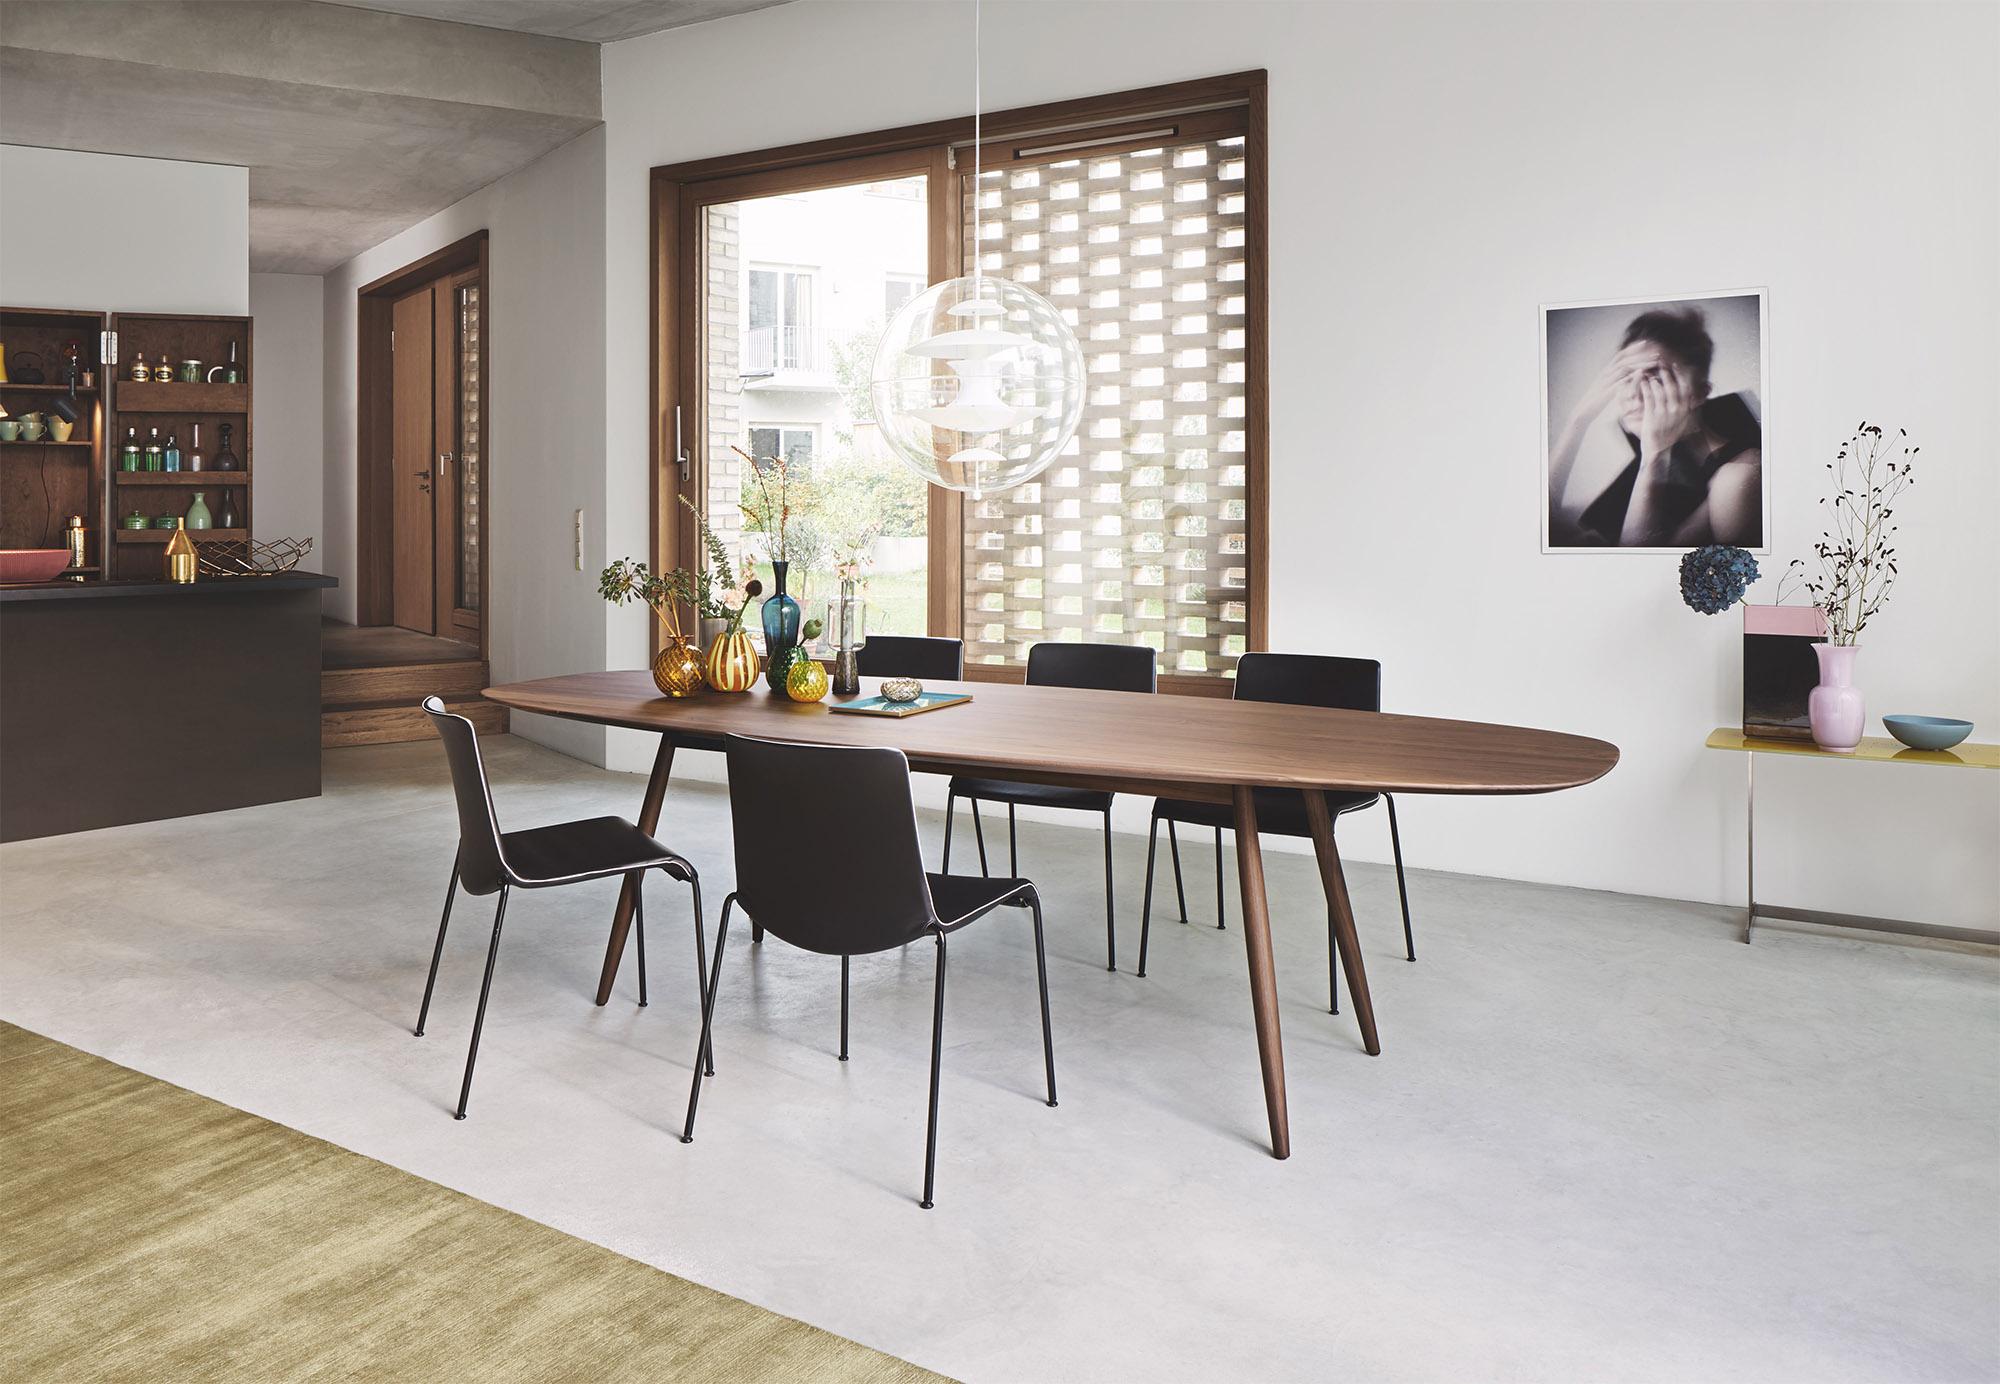 Stopka Walter Knoll Dining Tables